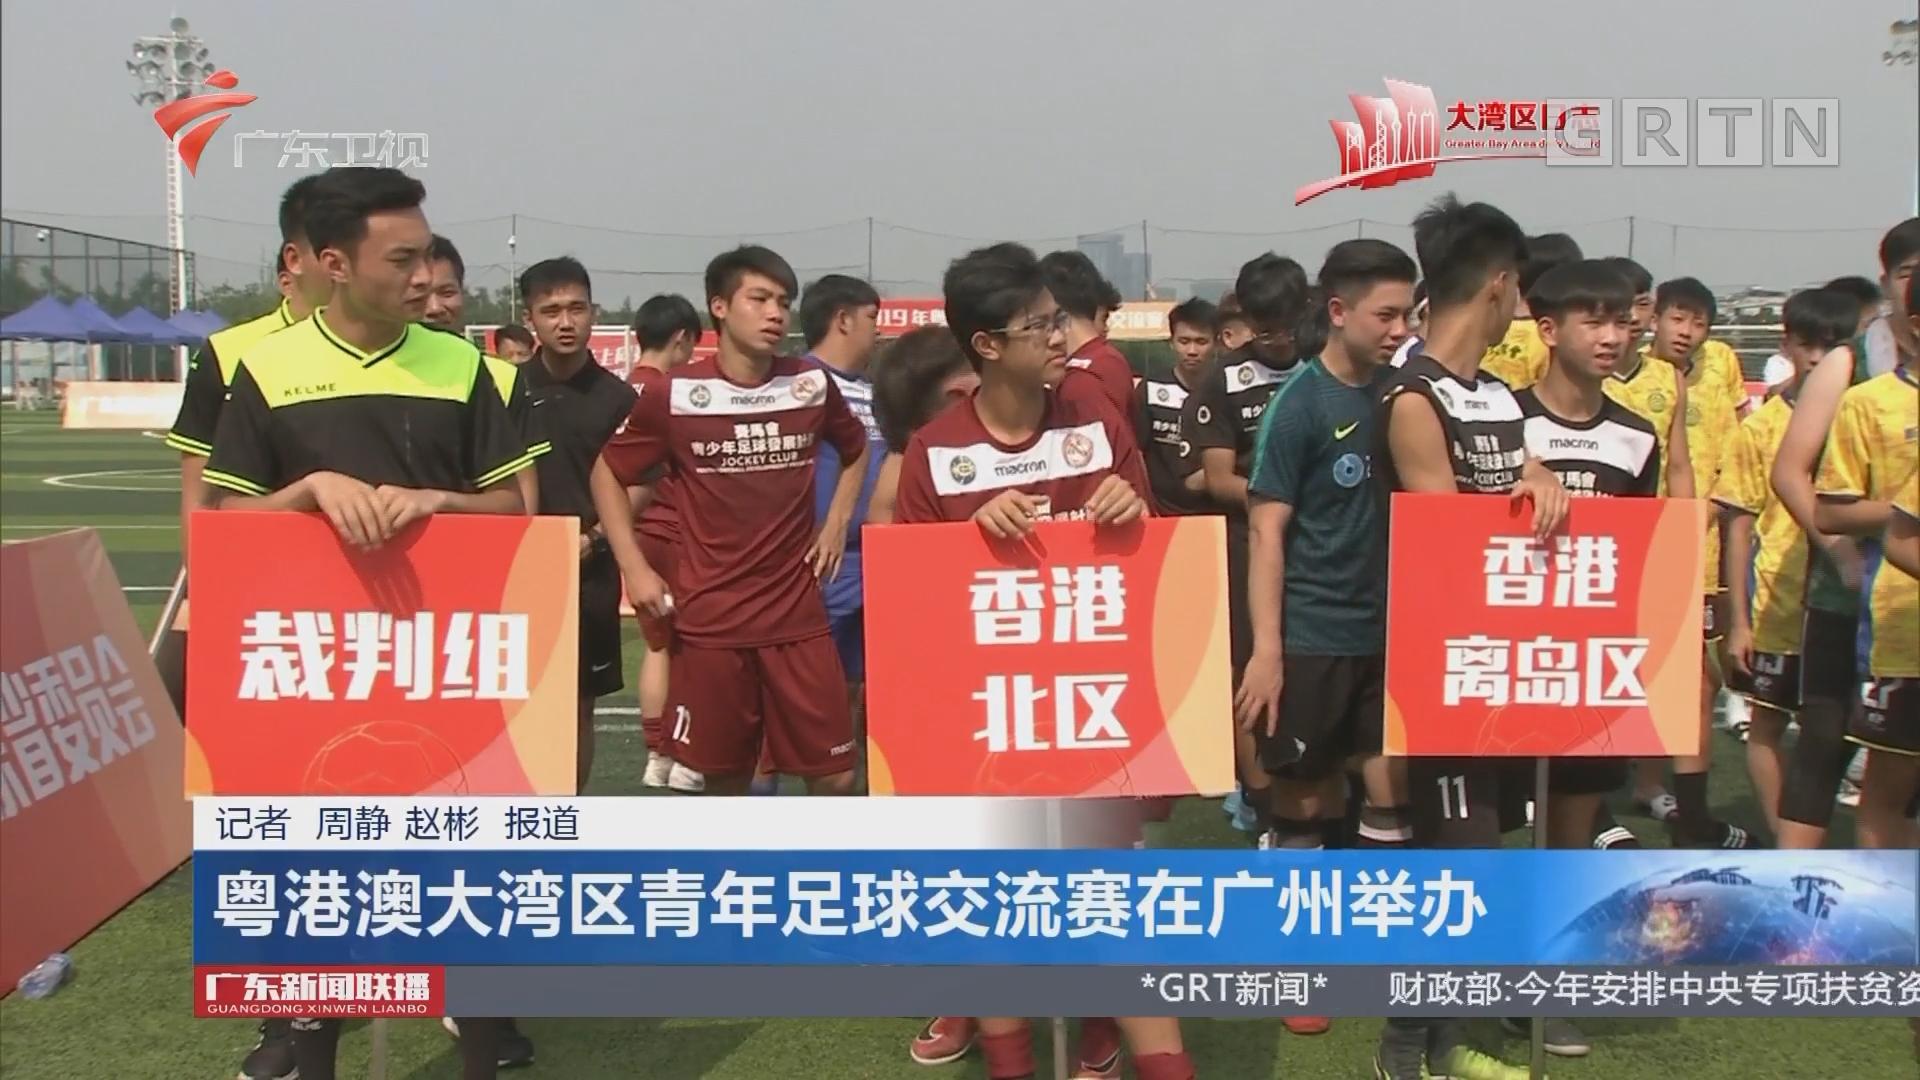 粤港澳大湾区青年足球交流赛在广州举办